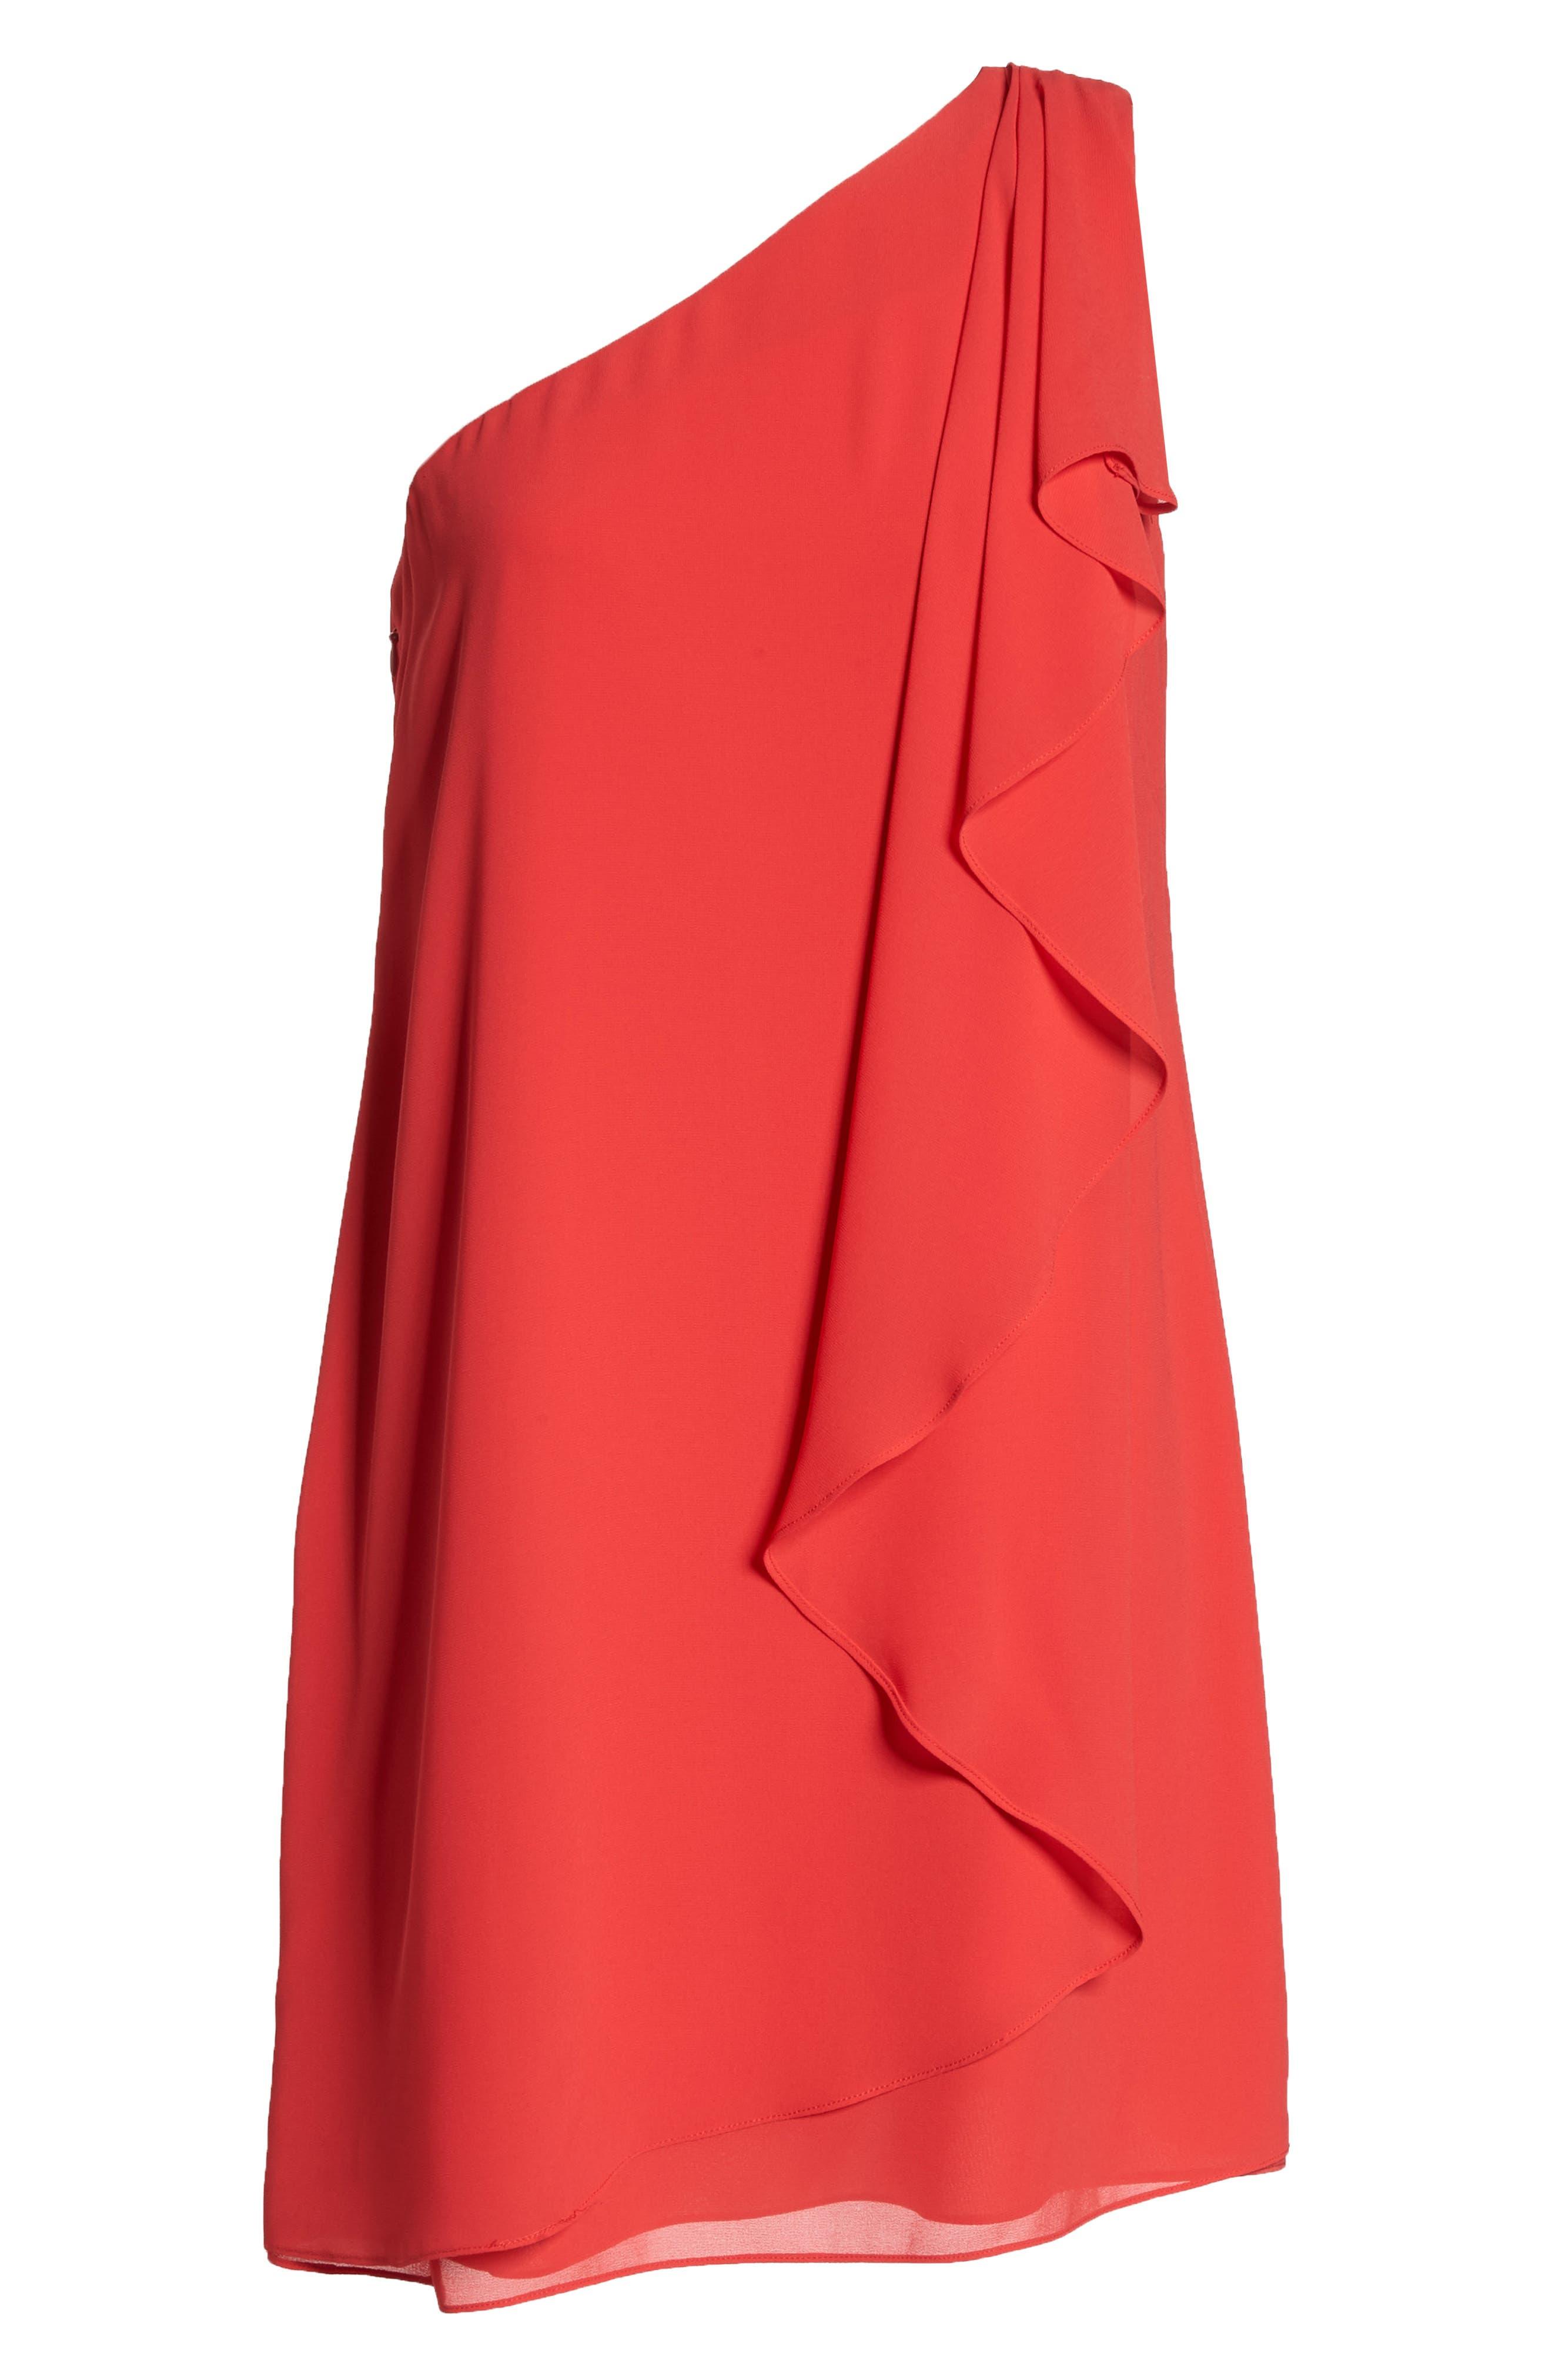 Soufflé One-Shoulder Chiffon Shift Dress,                             Alternate thumbnail 7, color,                             652